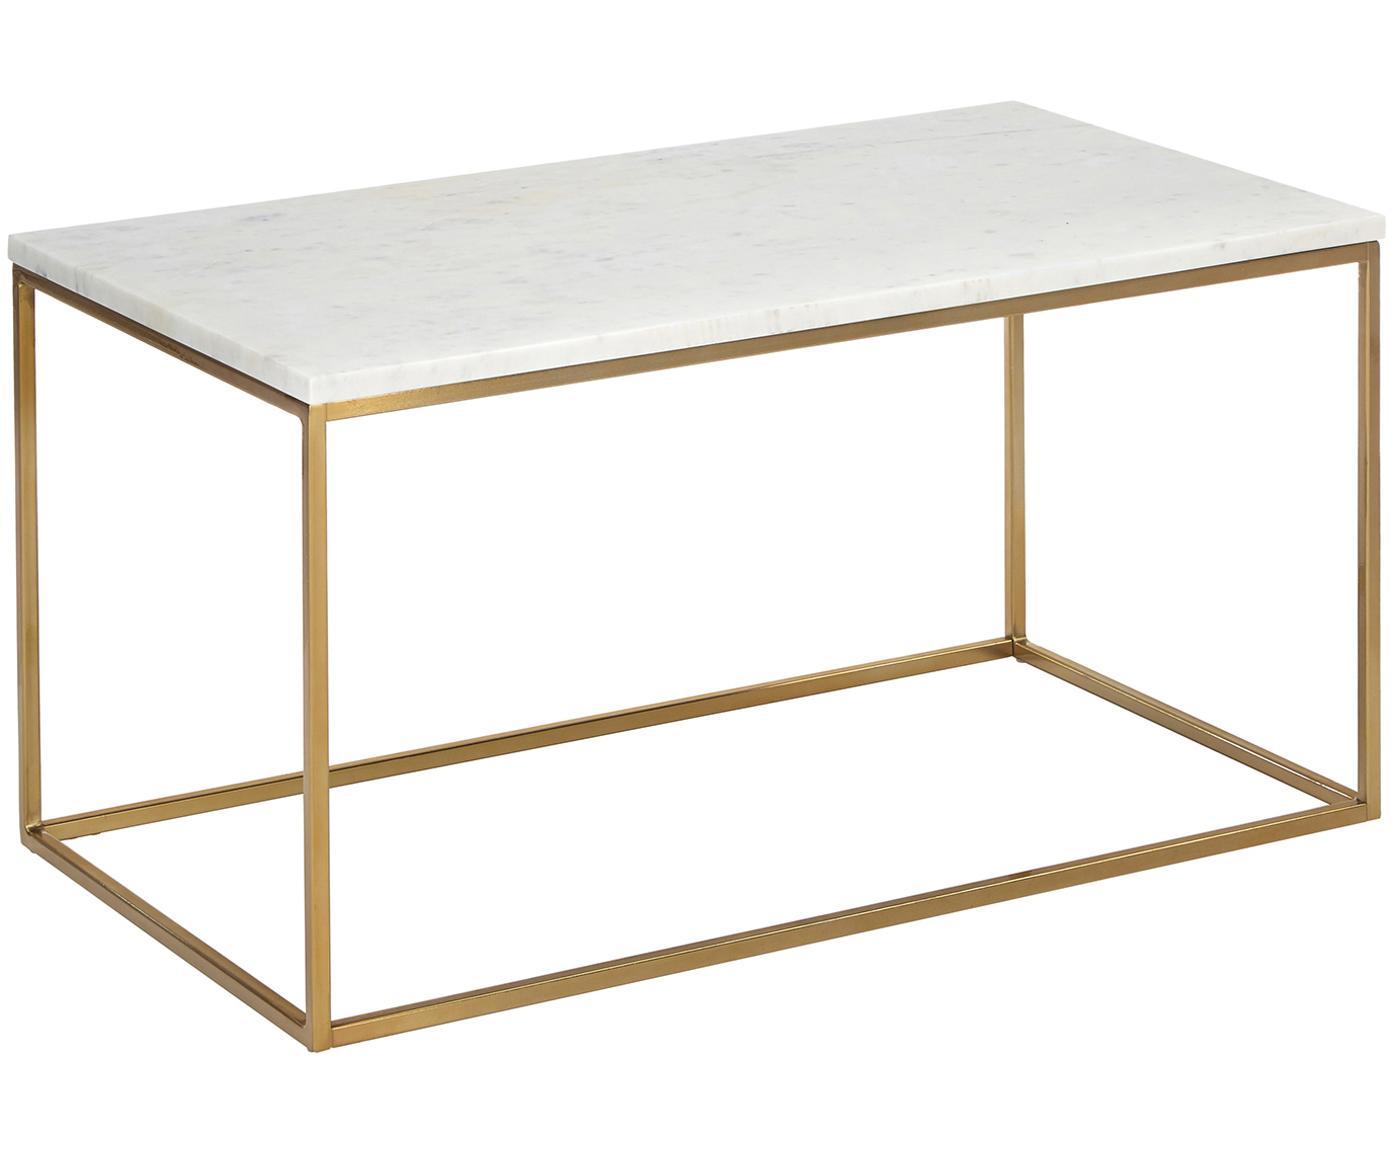 Marmeren salontafel Alys, Tafelblad: marmer, Frame: gepoedercoat metaal, Tafelblad: wit-grijs marmer. Frame: glanzend goudkleurig, 80 x 45 cm